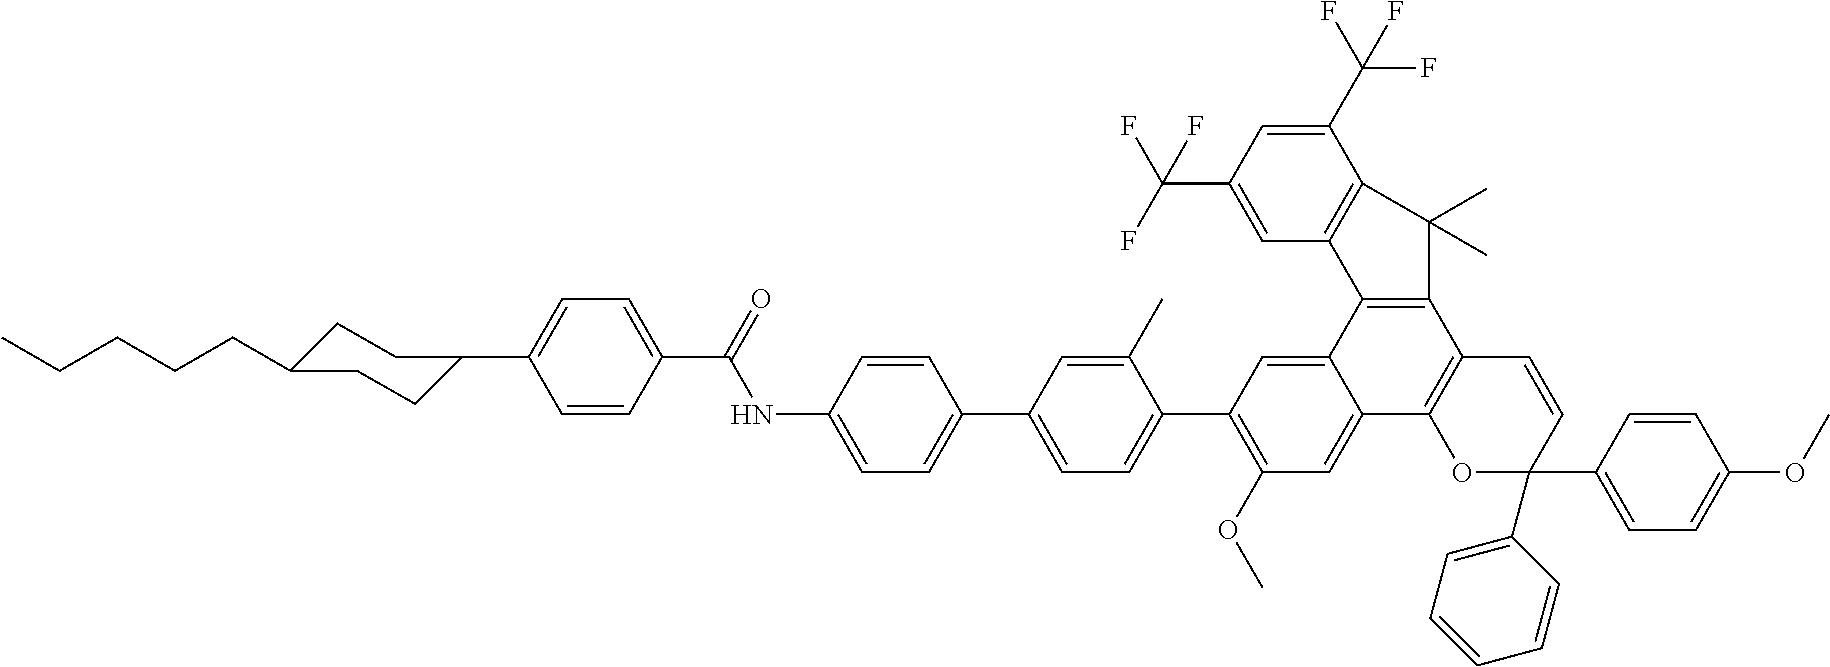 Figure US08518546-20130827-C00045